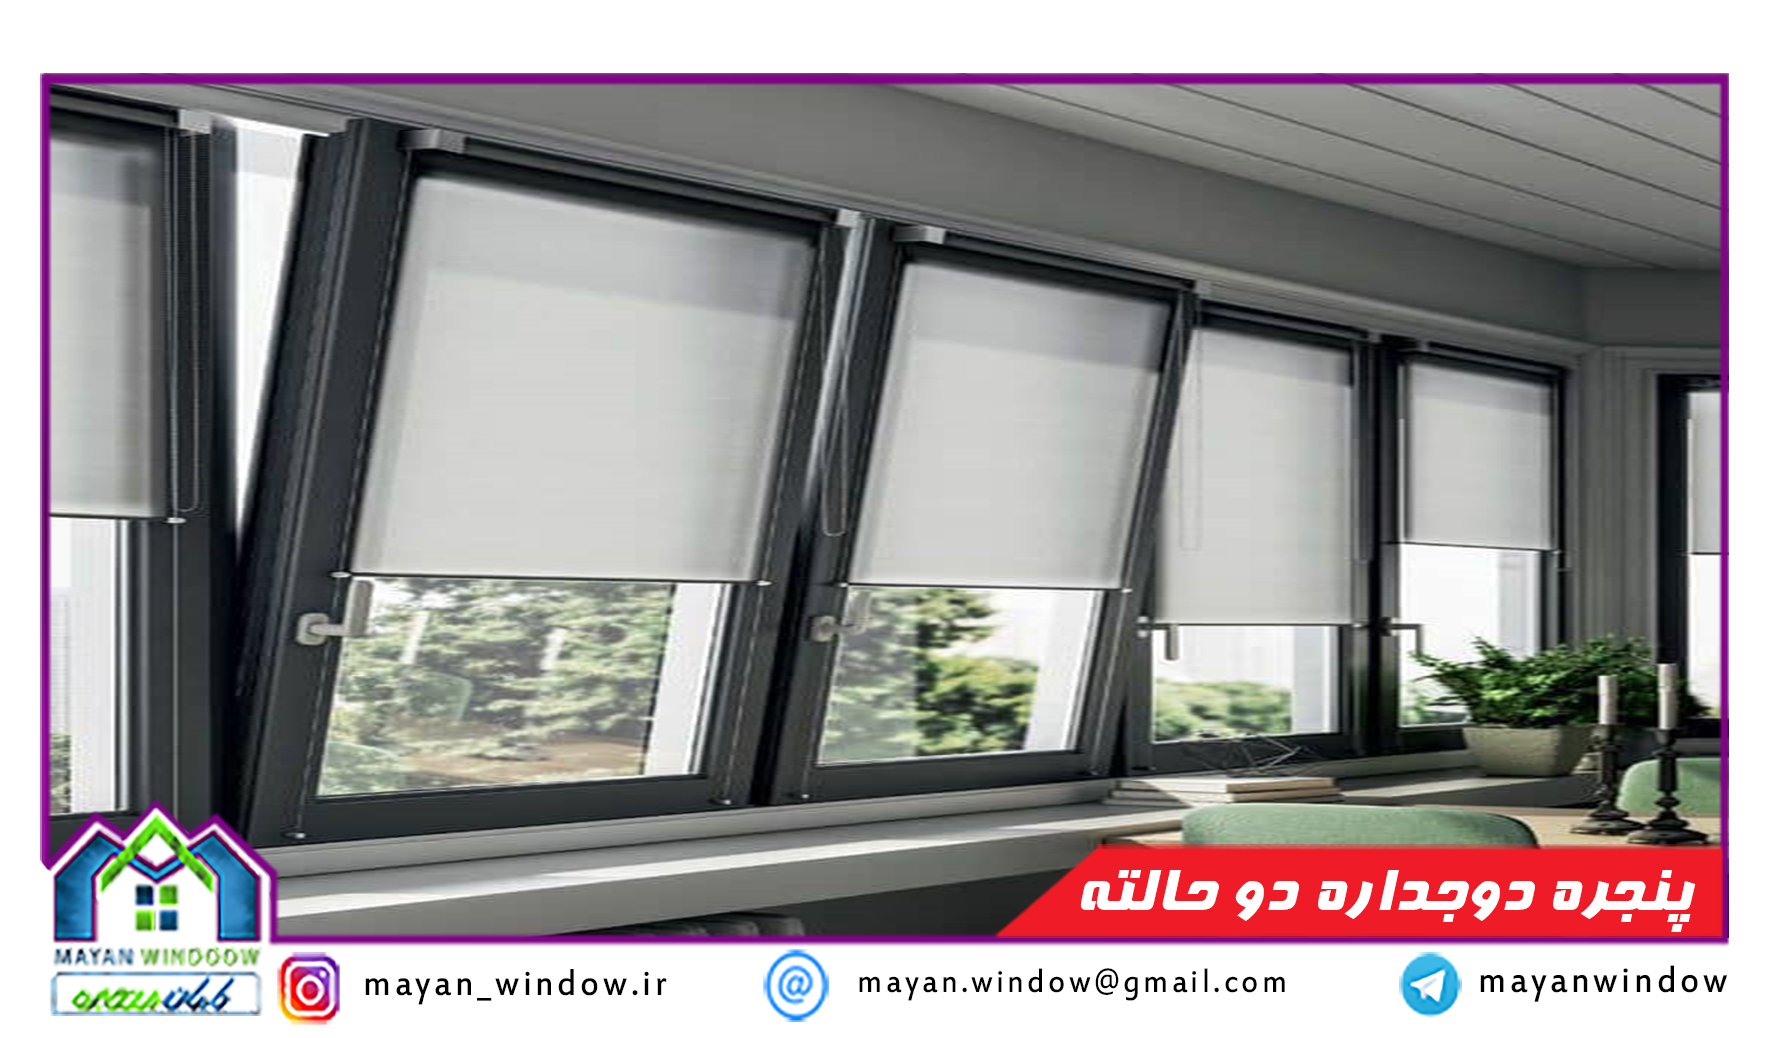 کاربرد های پنجره دو جداره دو حالتهUPVCیو پی وی سی